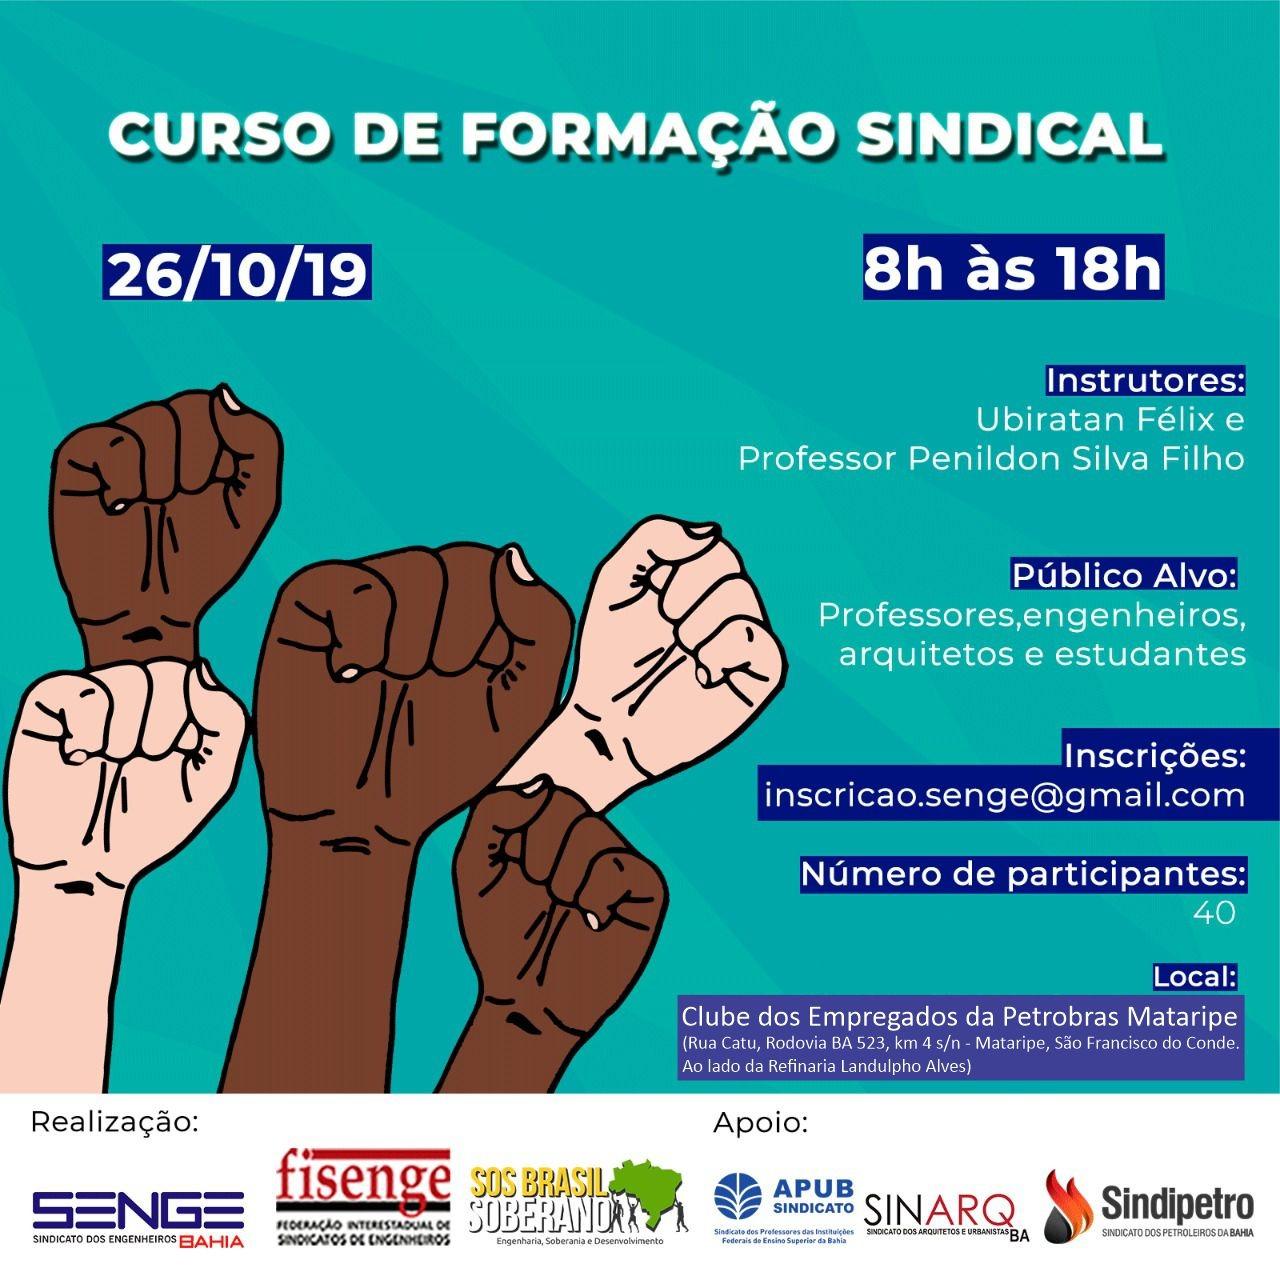 Senge-BA e Plataforma Operária e Camponesa realizam cursos de formação sindical e política